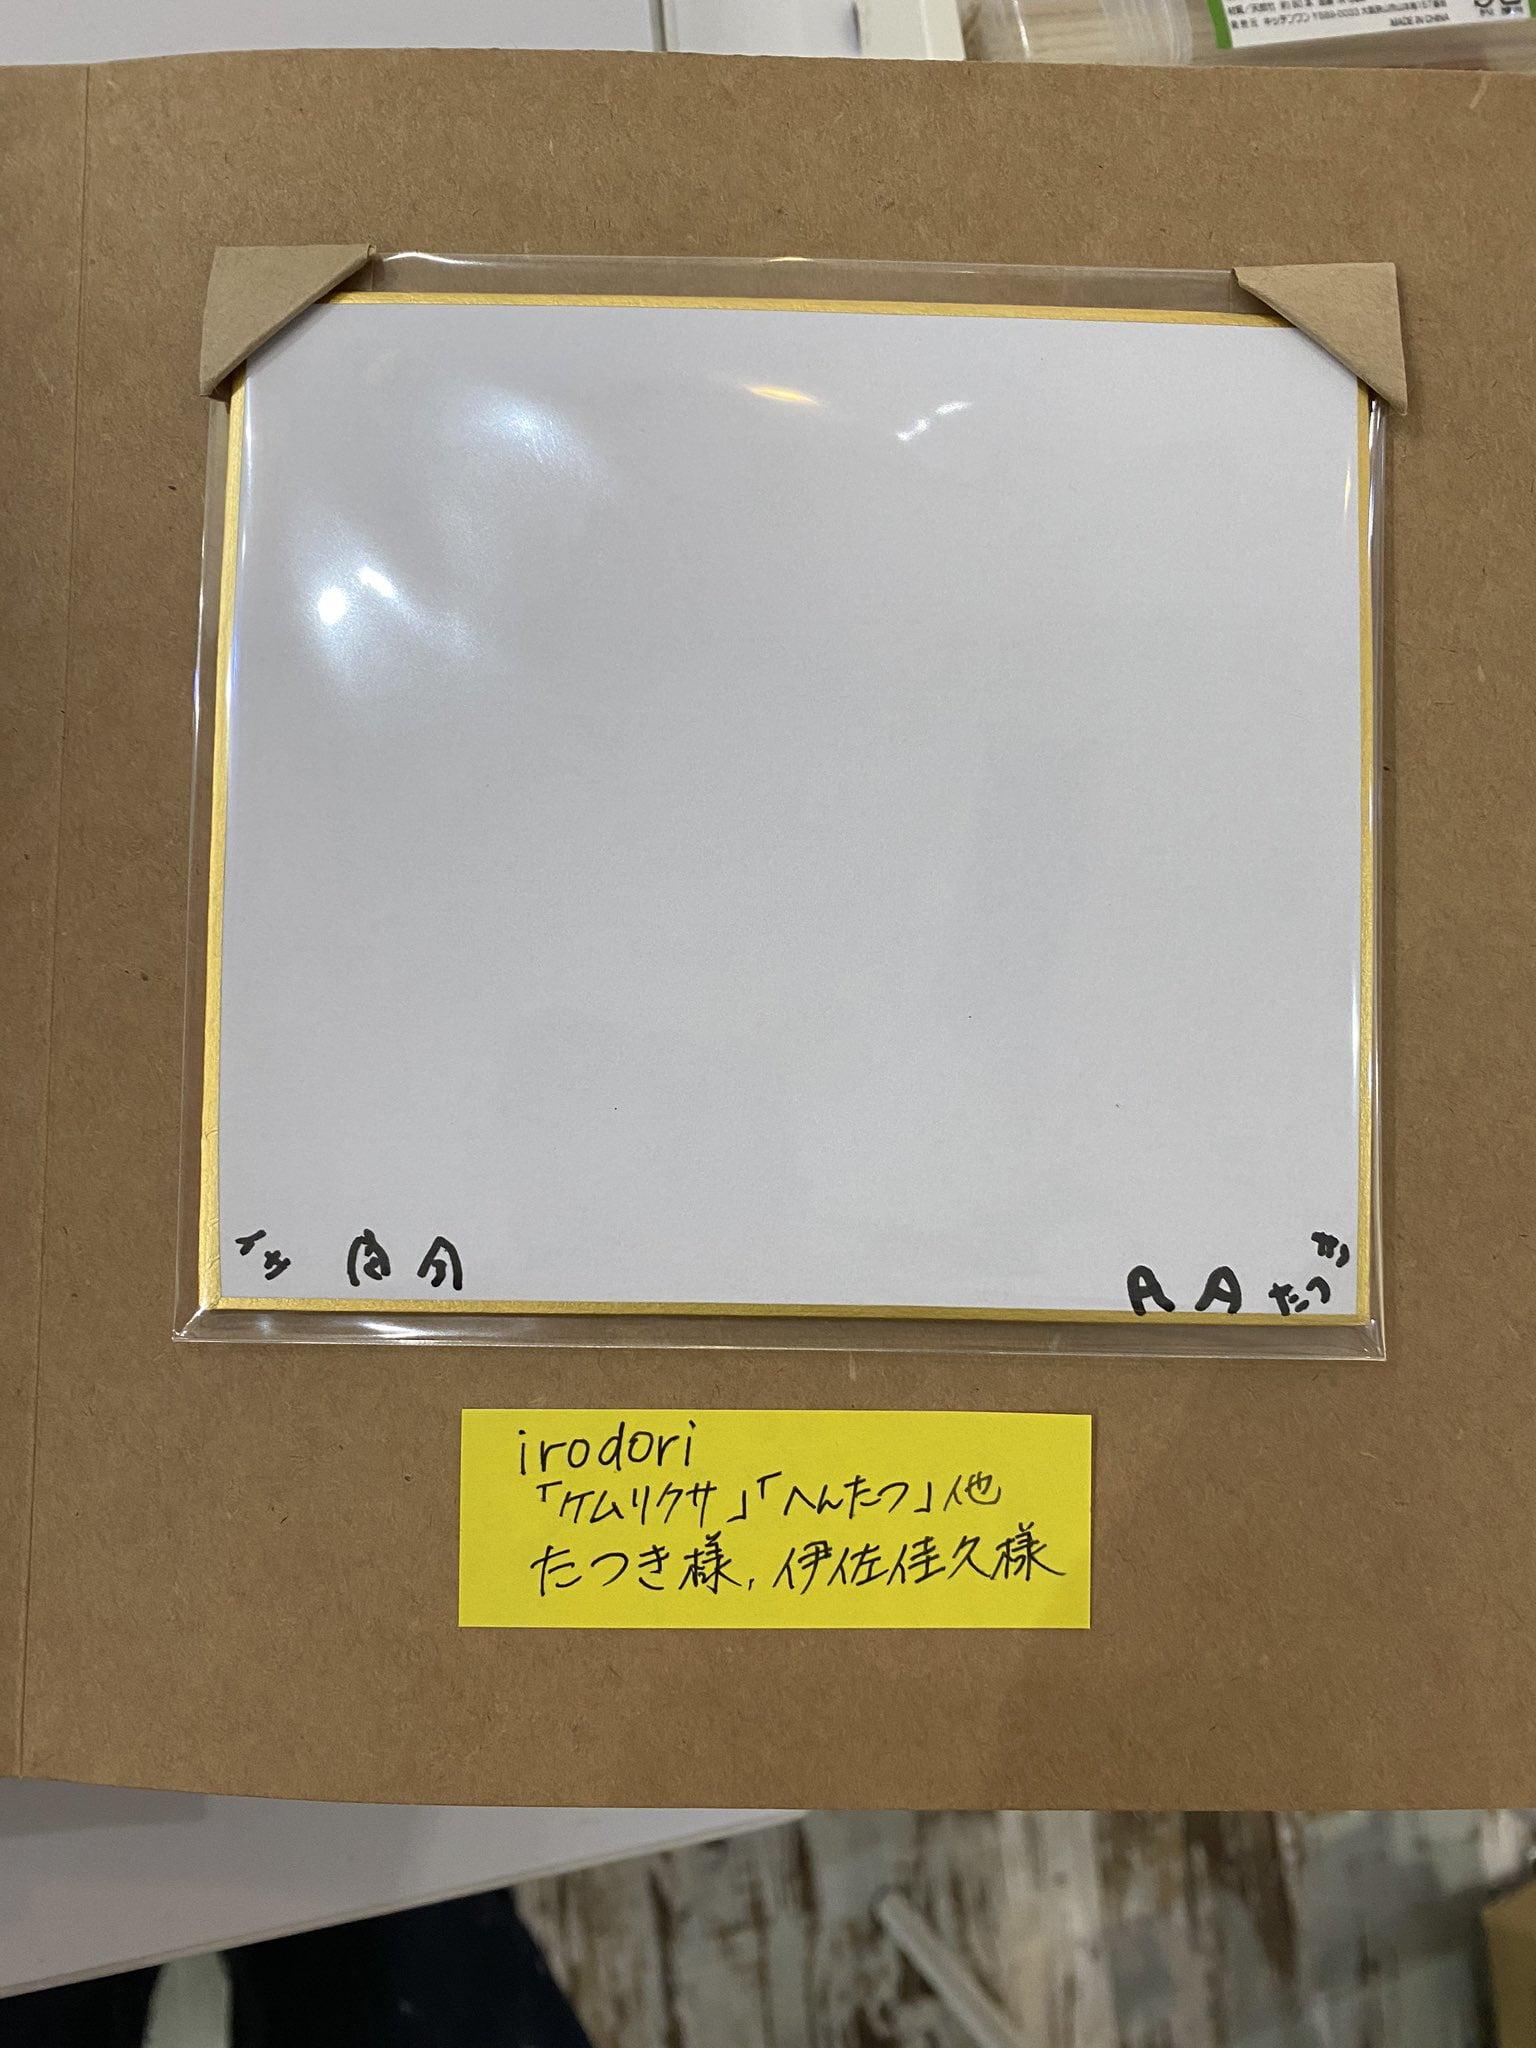 新宿のギャラリーエルシャダイに贈られたたつき監督と伊佐さんのサイン